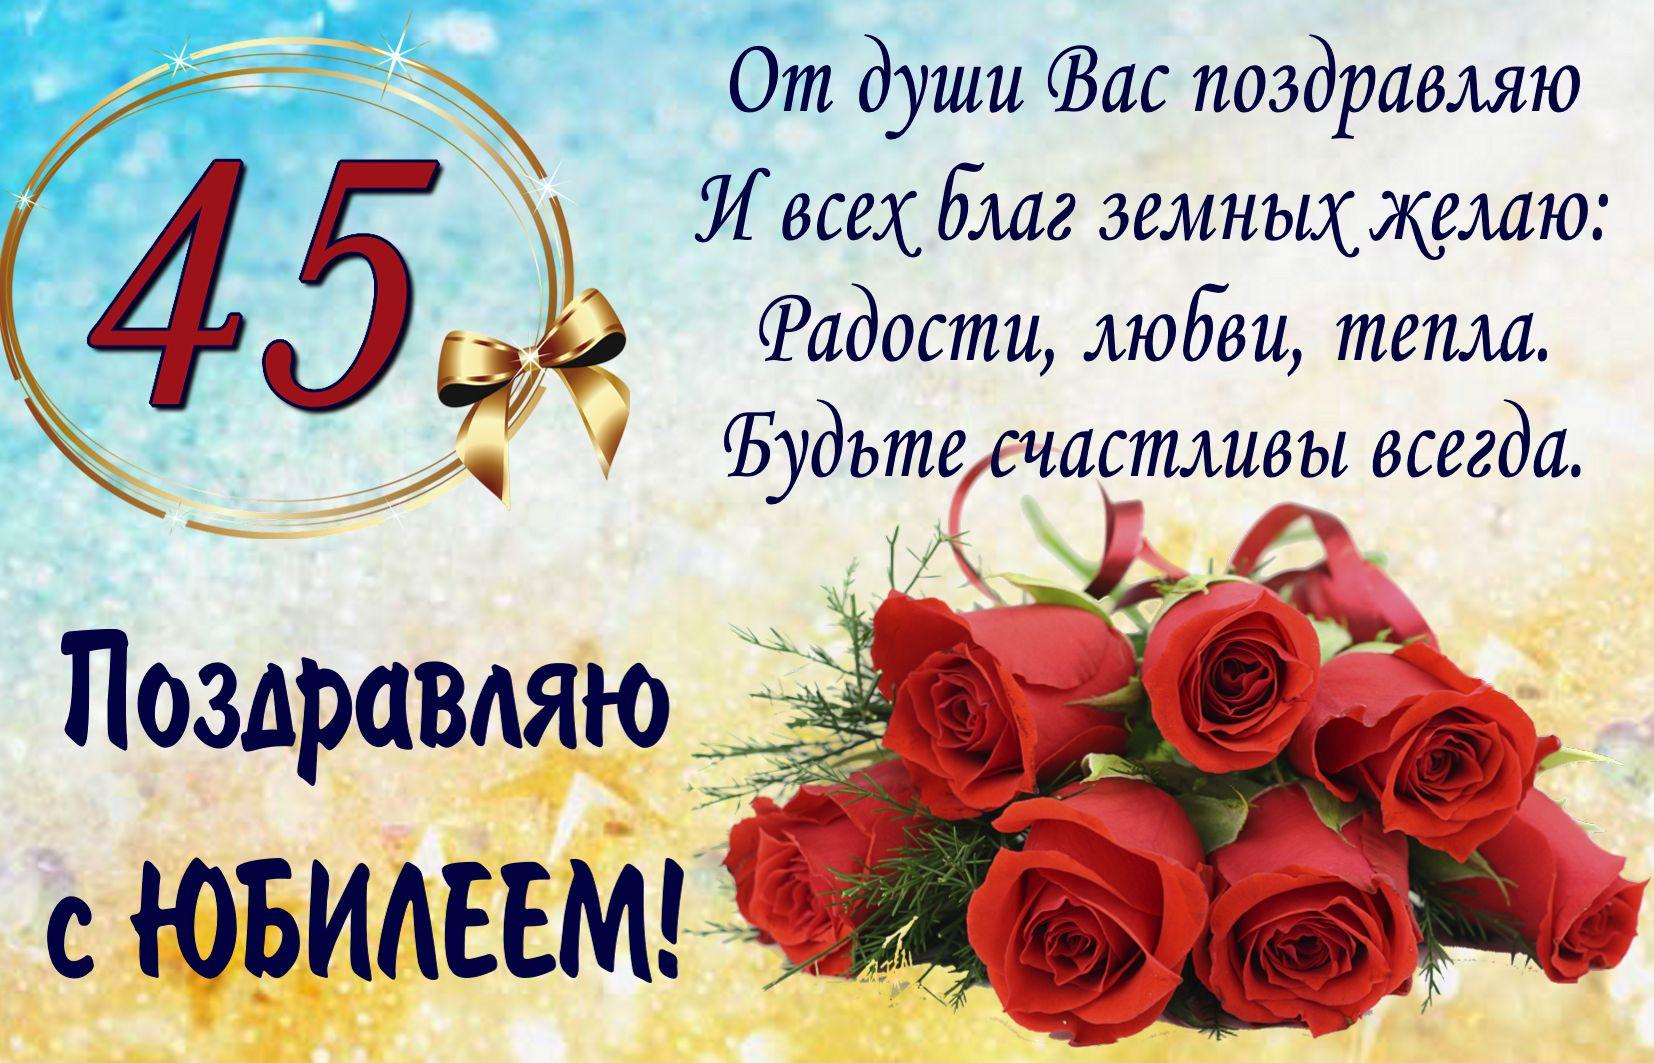 Поздравление на юбилей и букет красных роз